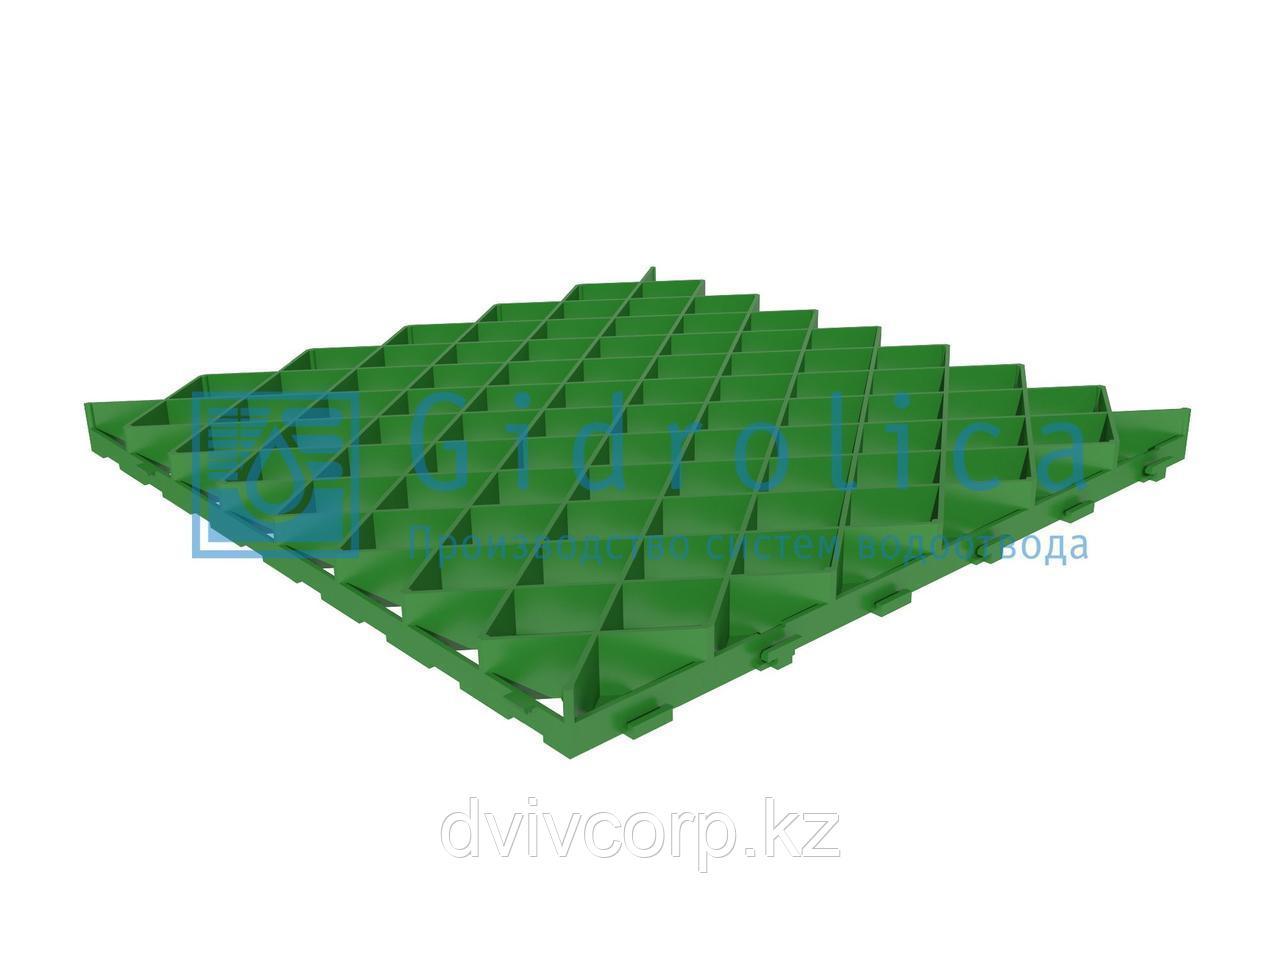 Арт. 605 Решетка газонная Gidrolica Eco Pro РГ-60.60.4 - пластиковая зеленая